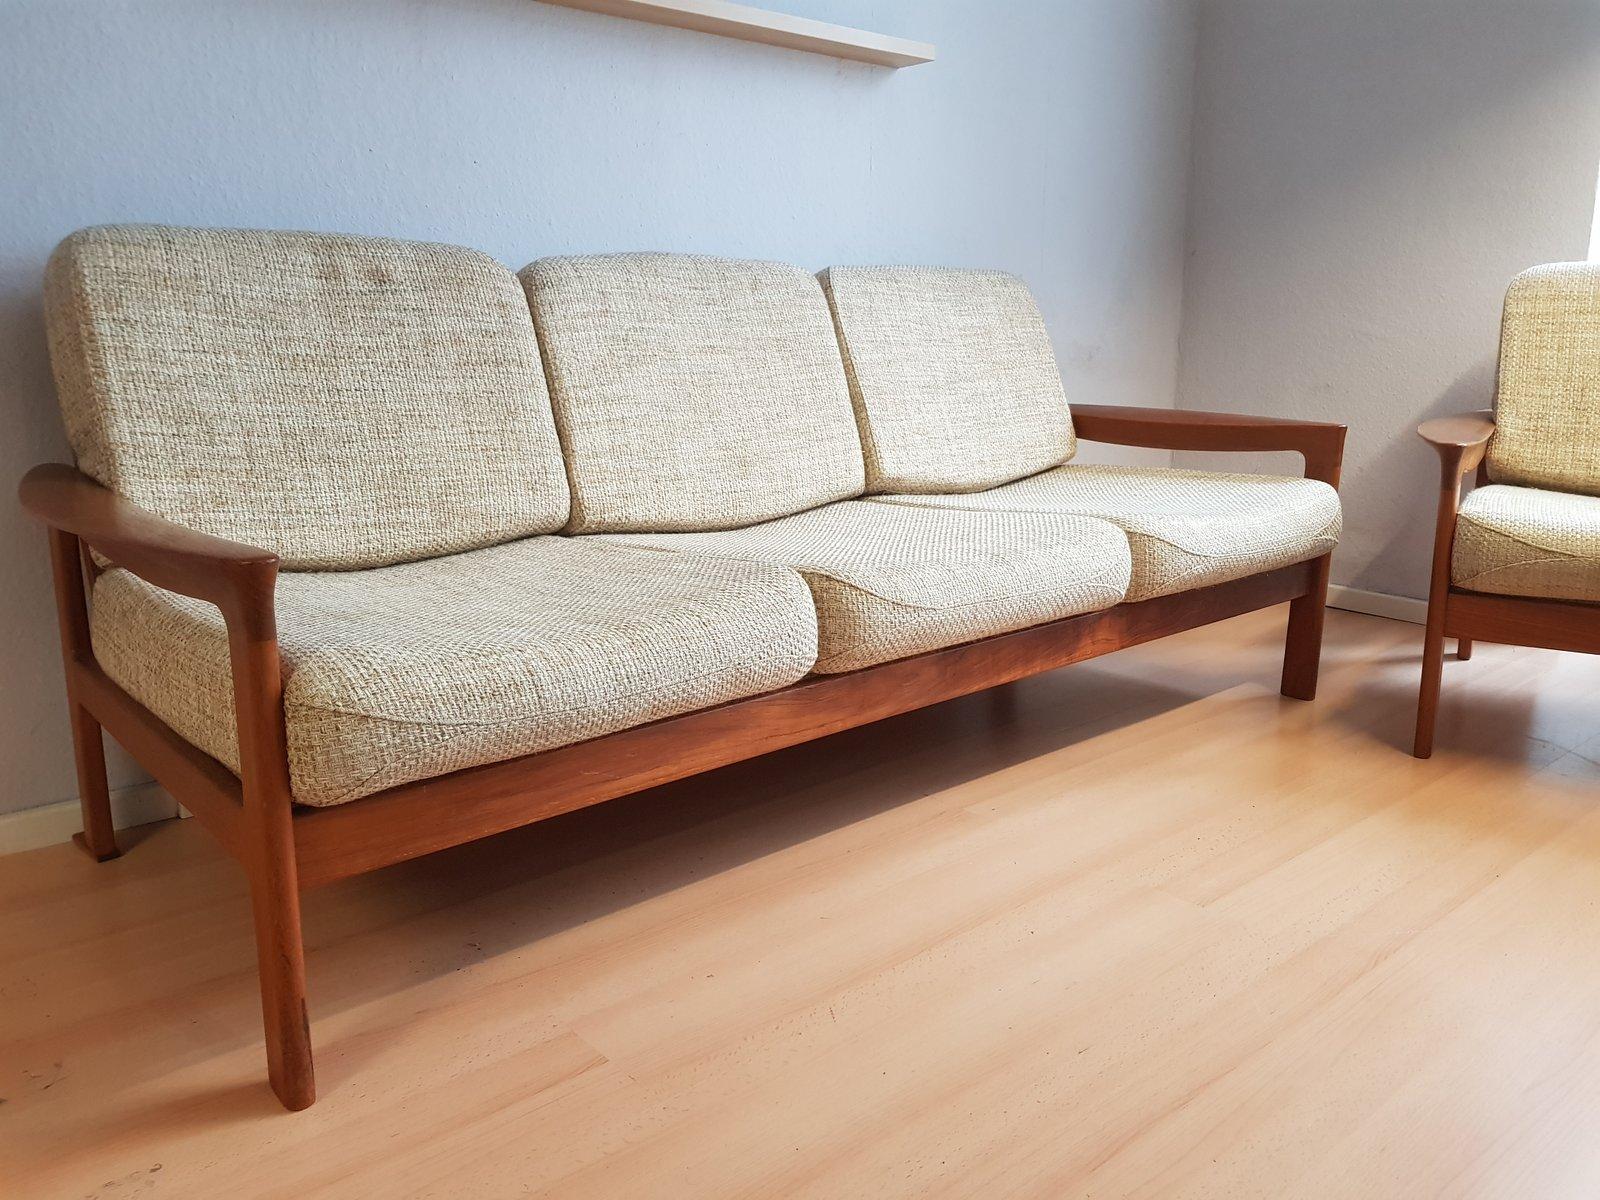 d nisches 3 sitzer sofa aus teak von sven ellekaer f r komfort 1960er bei pamono kaufen. Black Bedroom Furniture Sets. Home Design Ideas